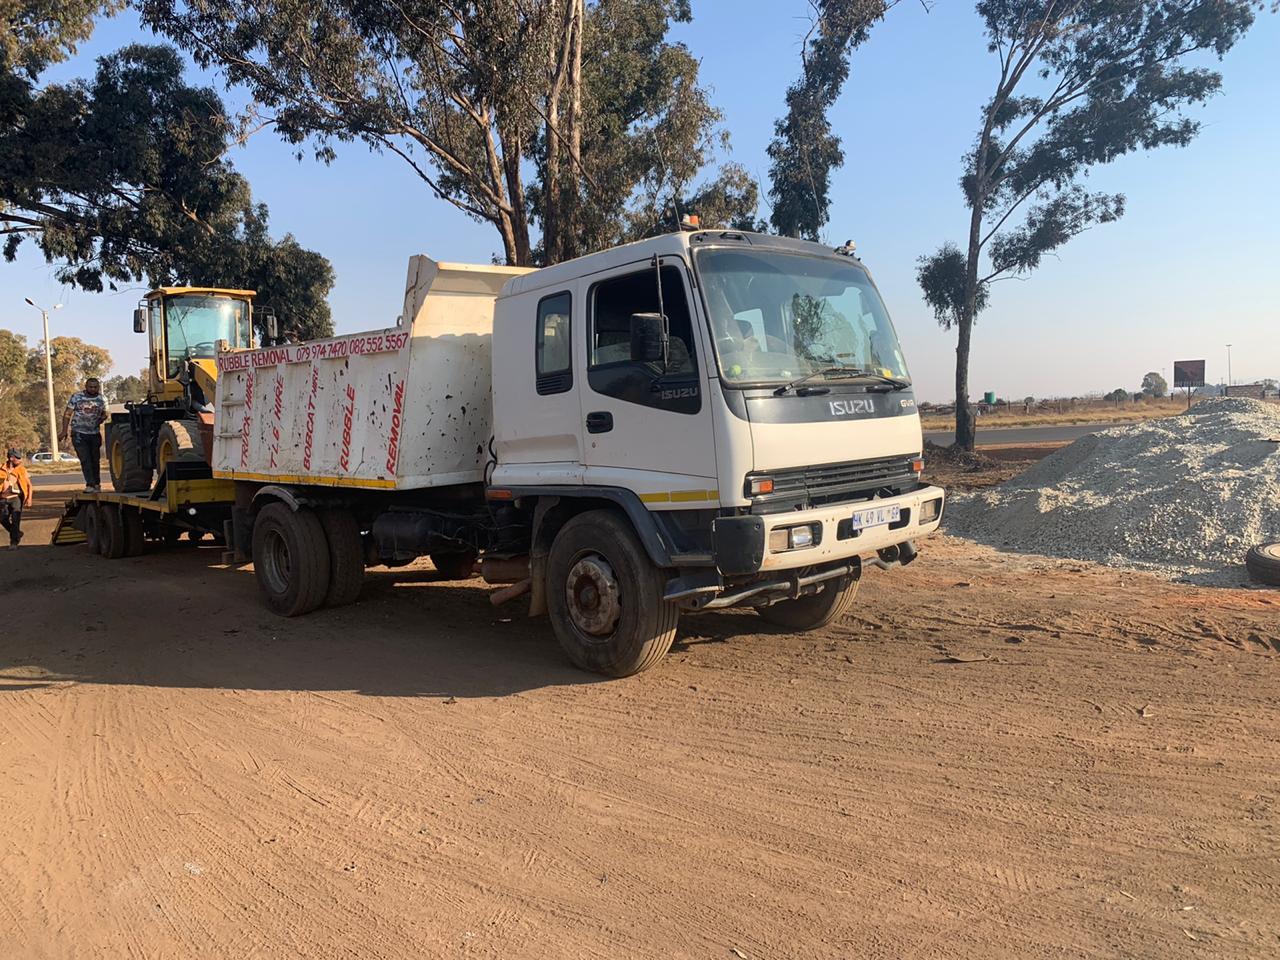 2009 Isuzu  Tipper truck for sale